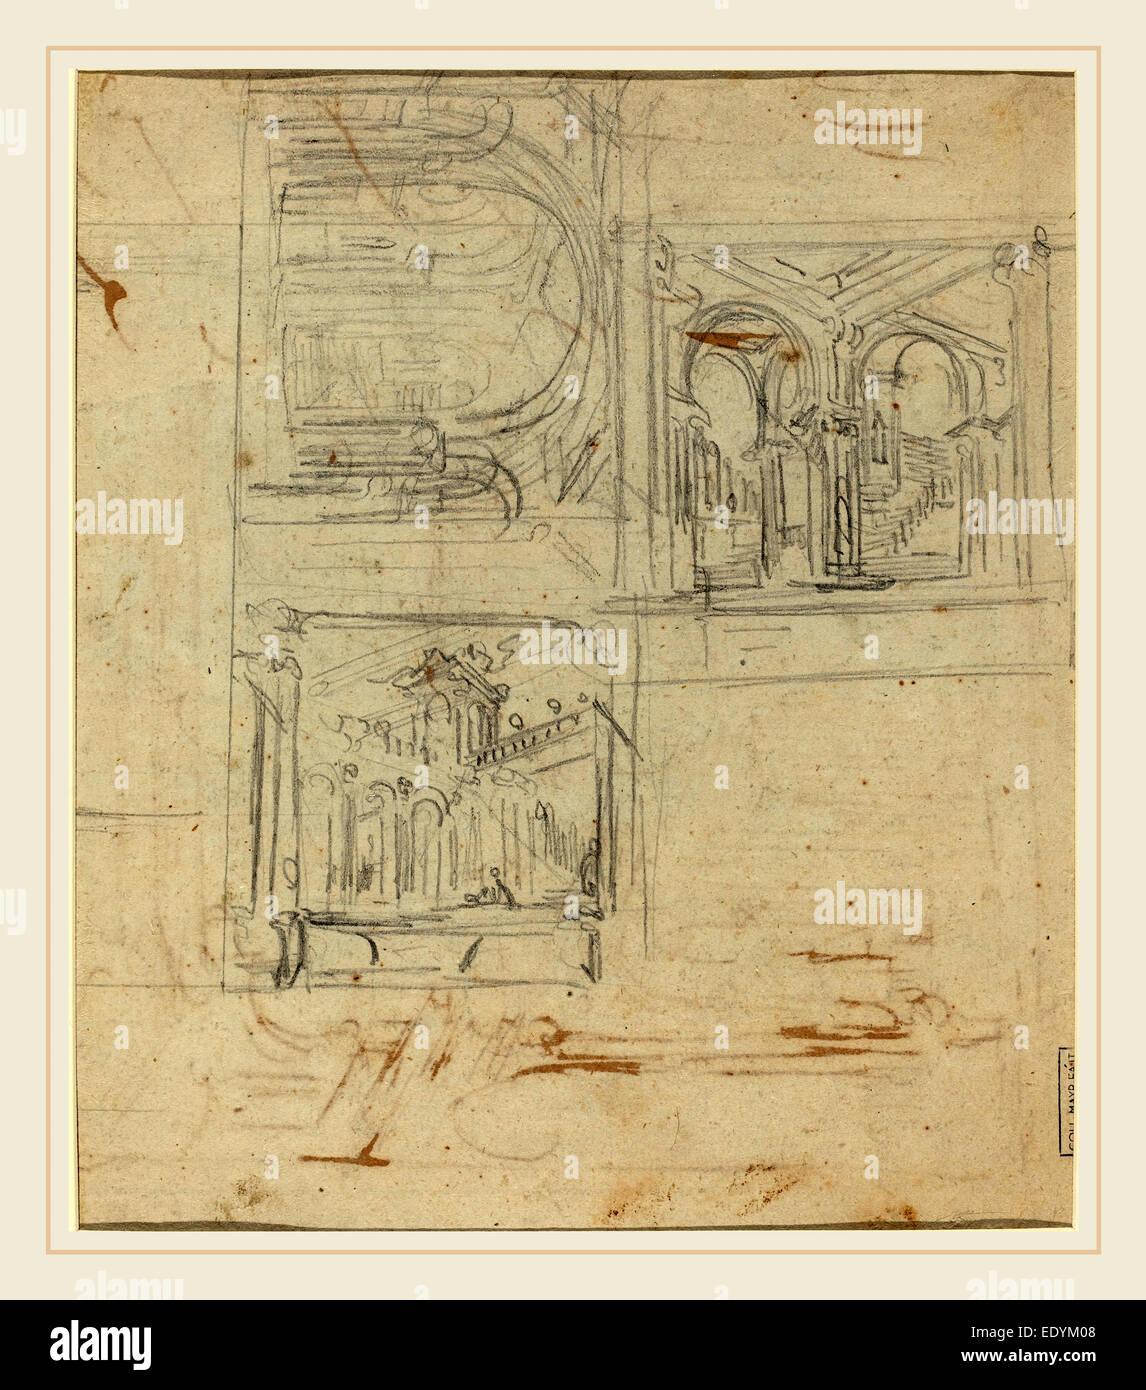 L'italien du 18e siècle, les études d'architecture fantastique, graphite sur papier vergé Photo Stock